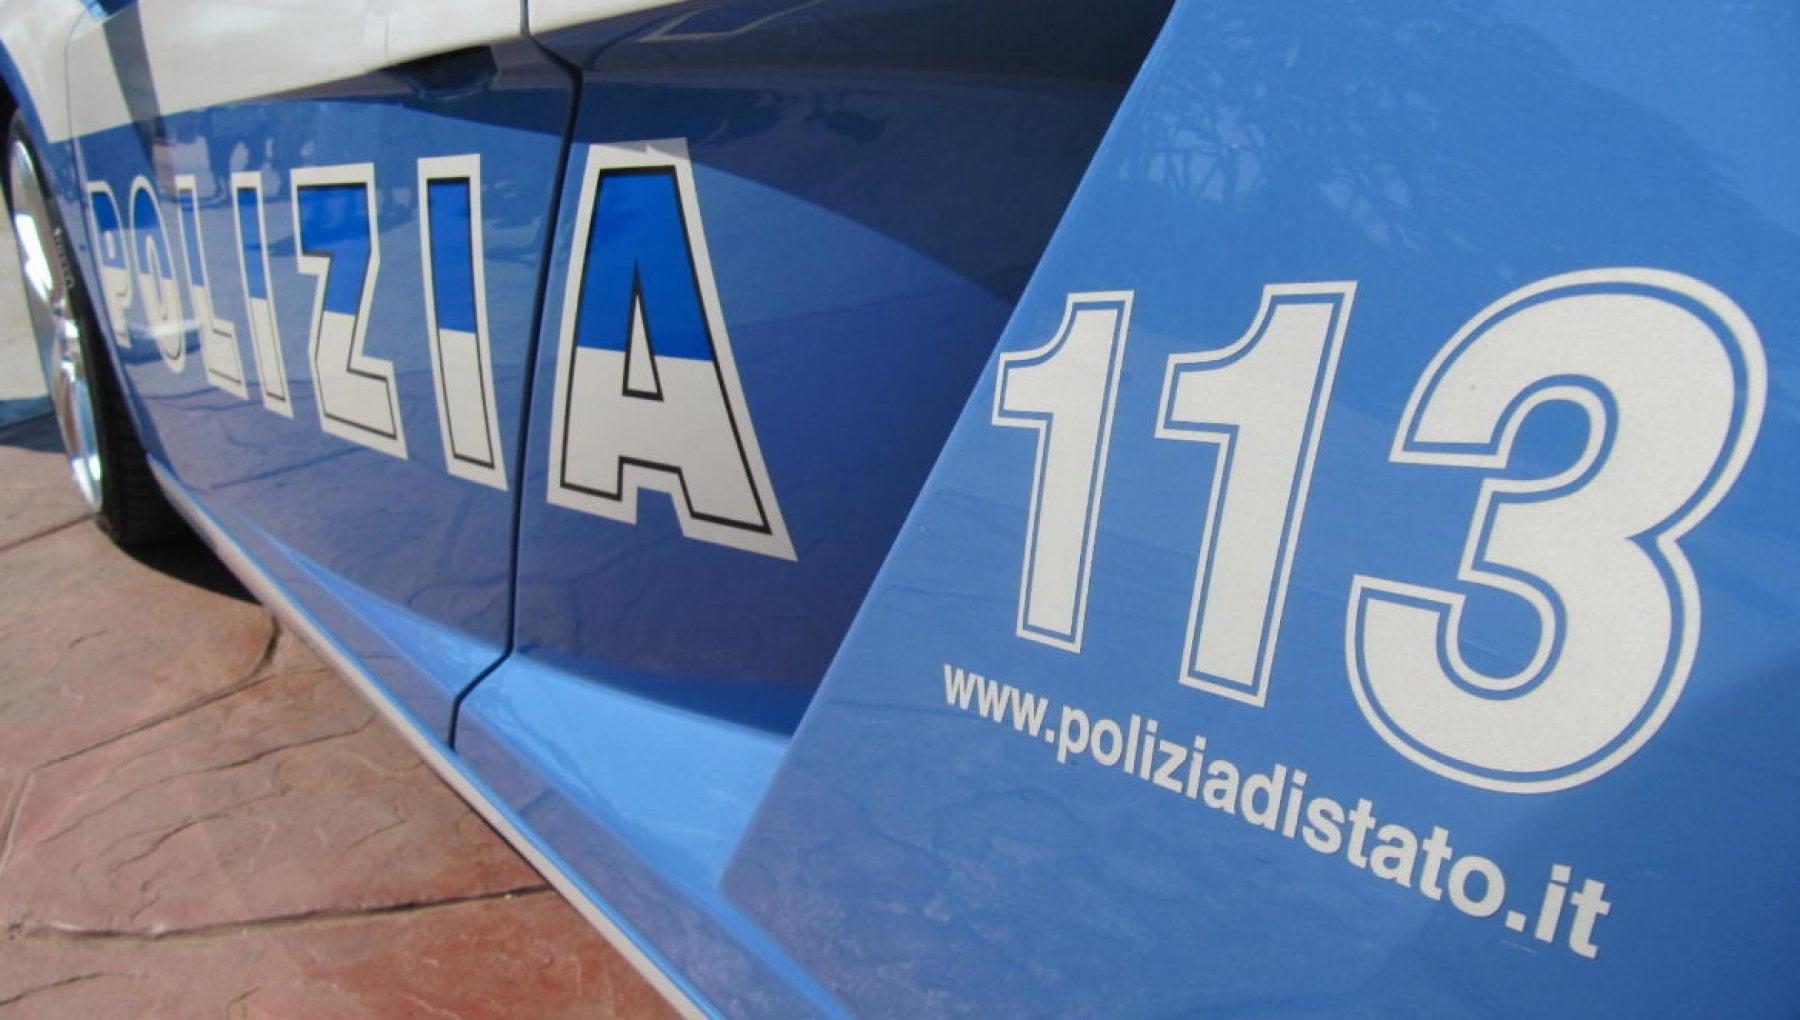 Napoli, costringeva la figlia di 8 anni a rapporti anali e orali. Arrestato un 40enne.